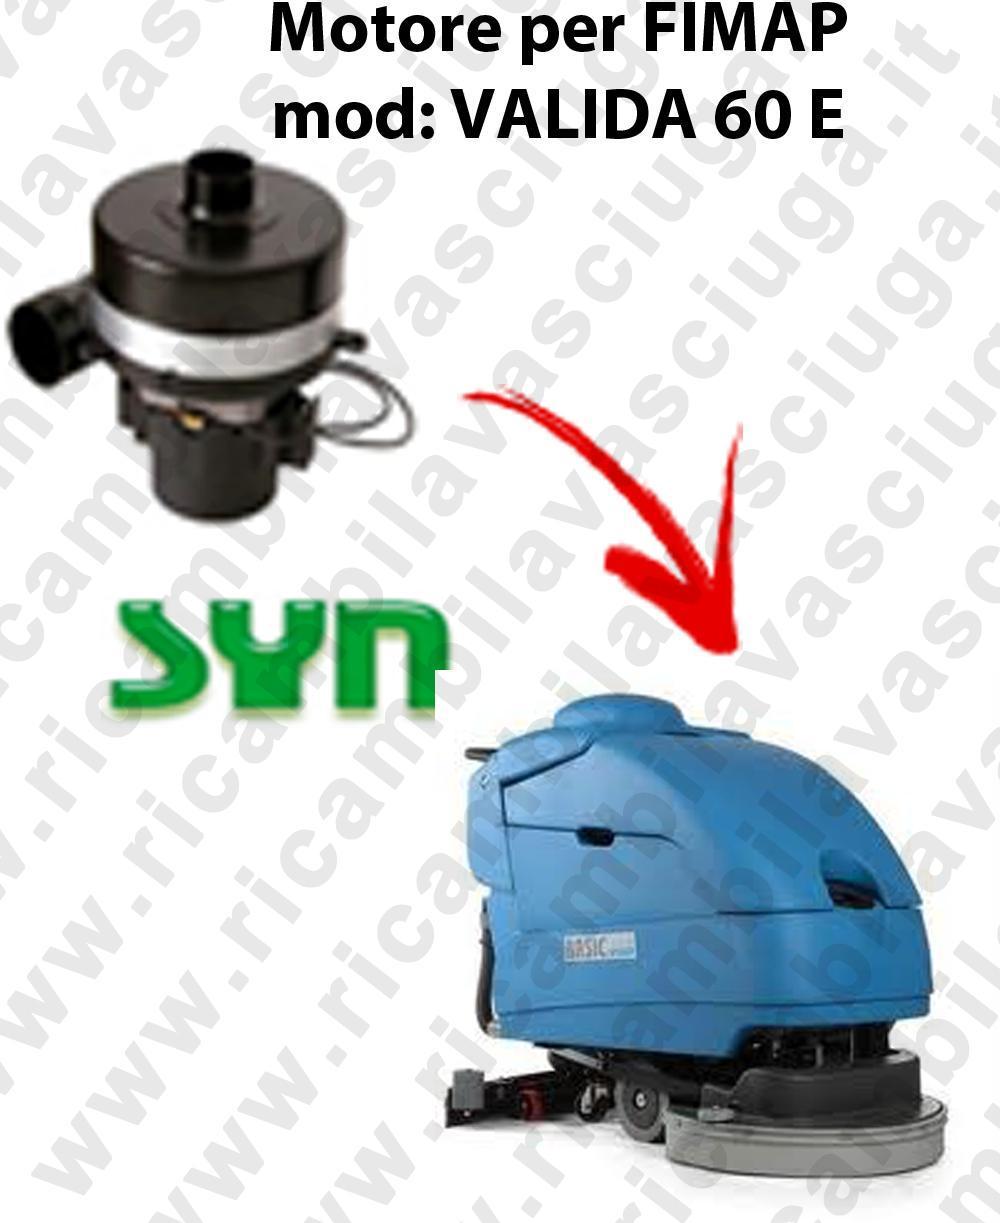 VALIDA 60 E MOTORE SYN aspirazione fregadoras Fimap